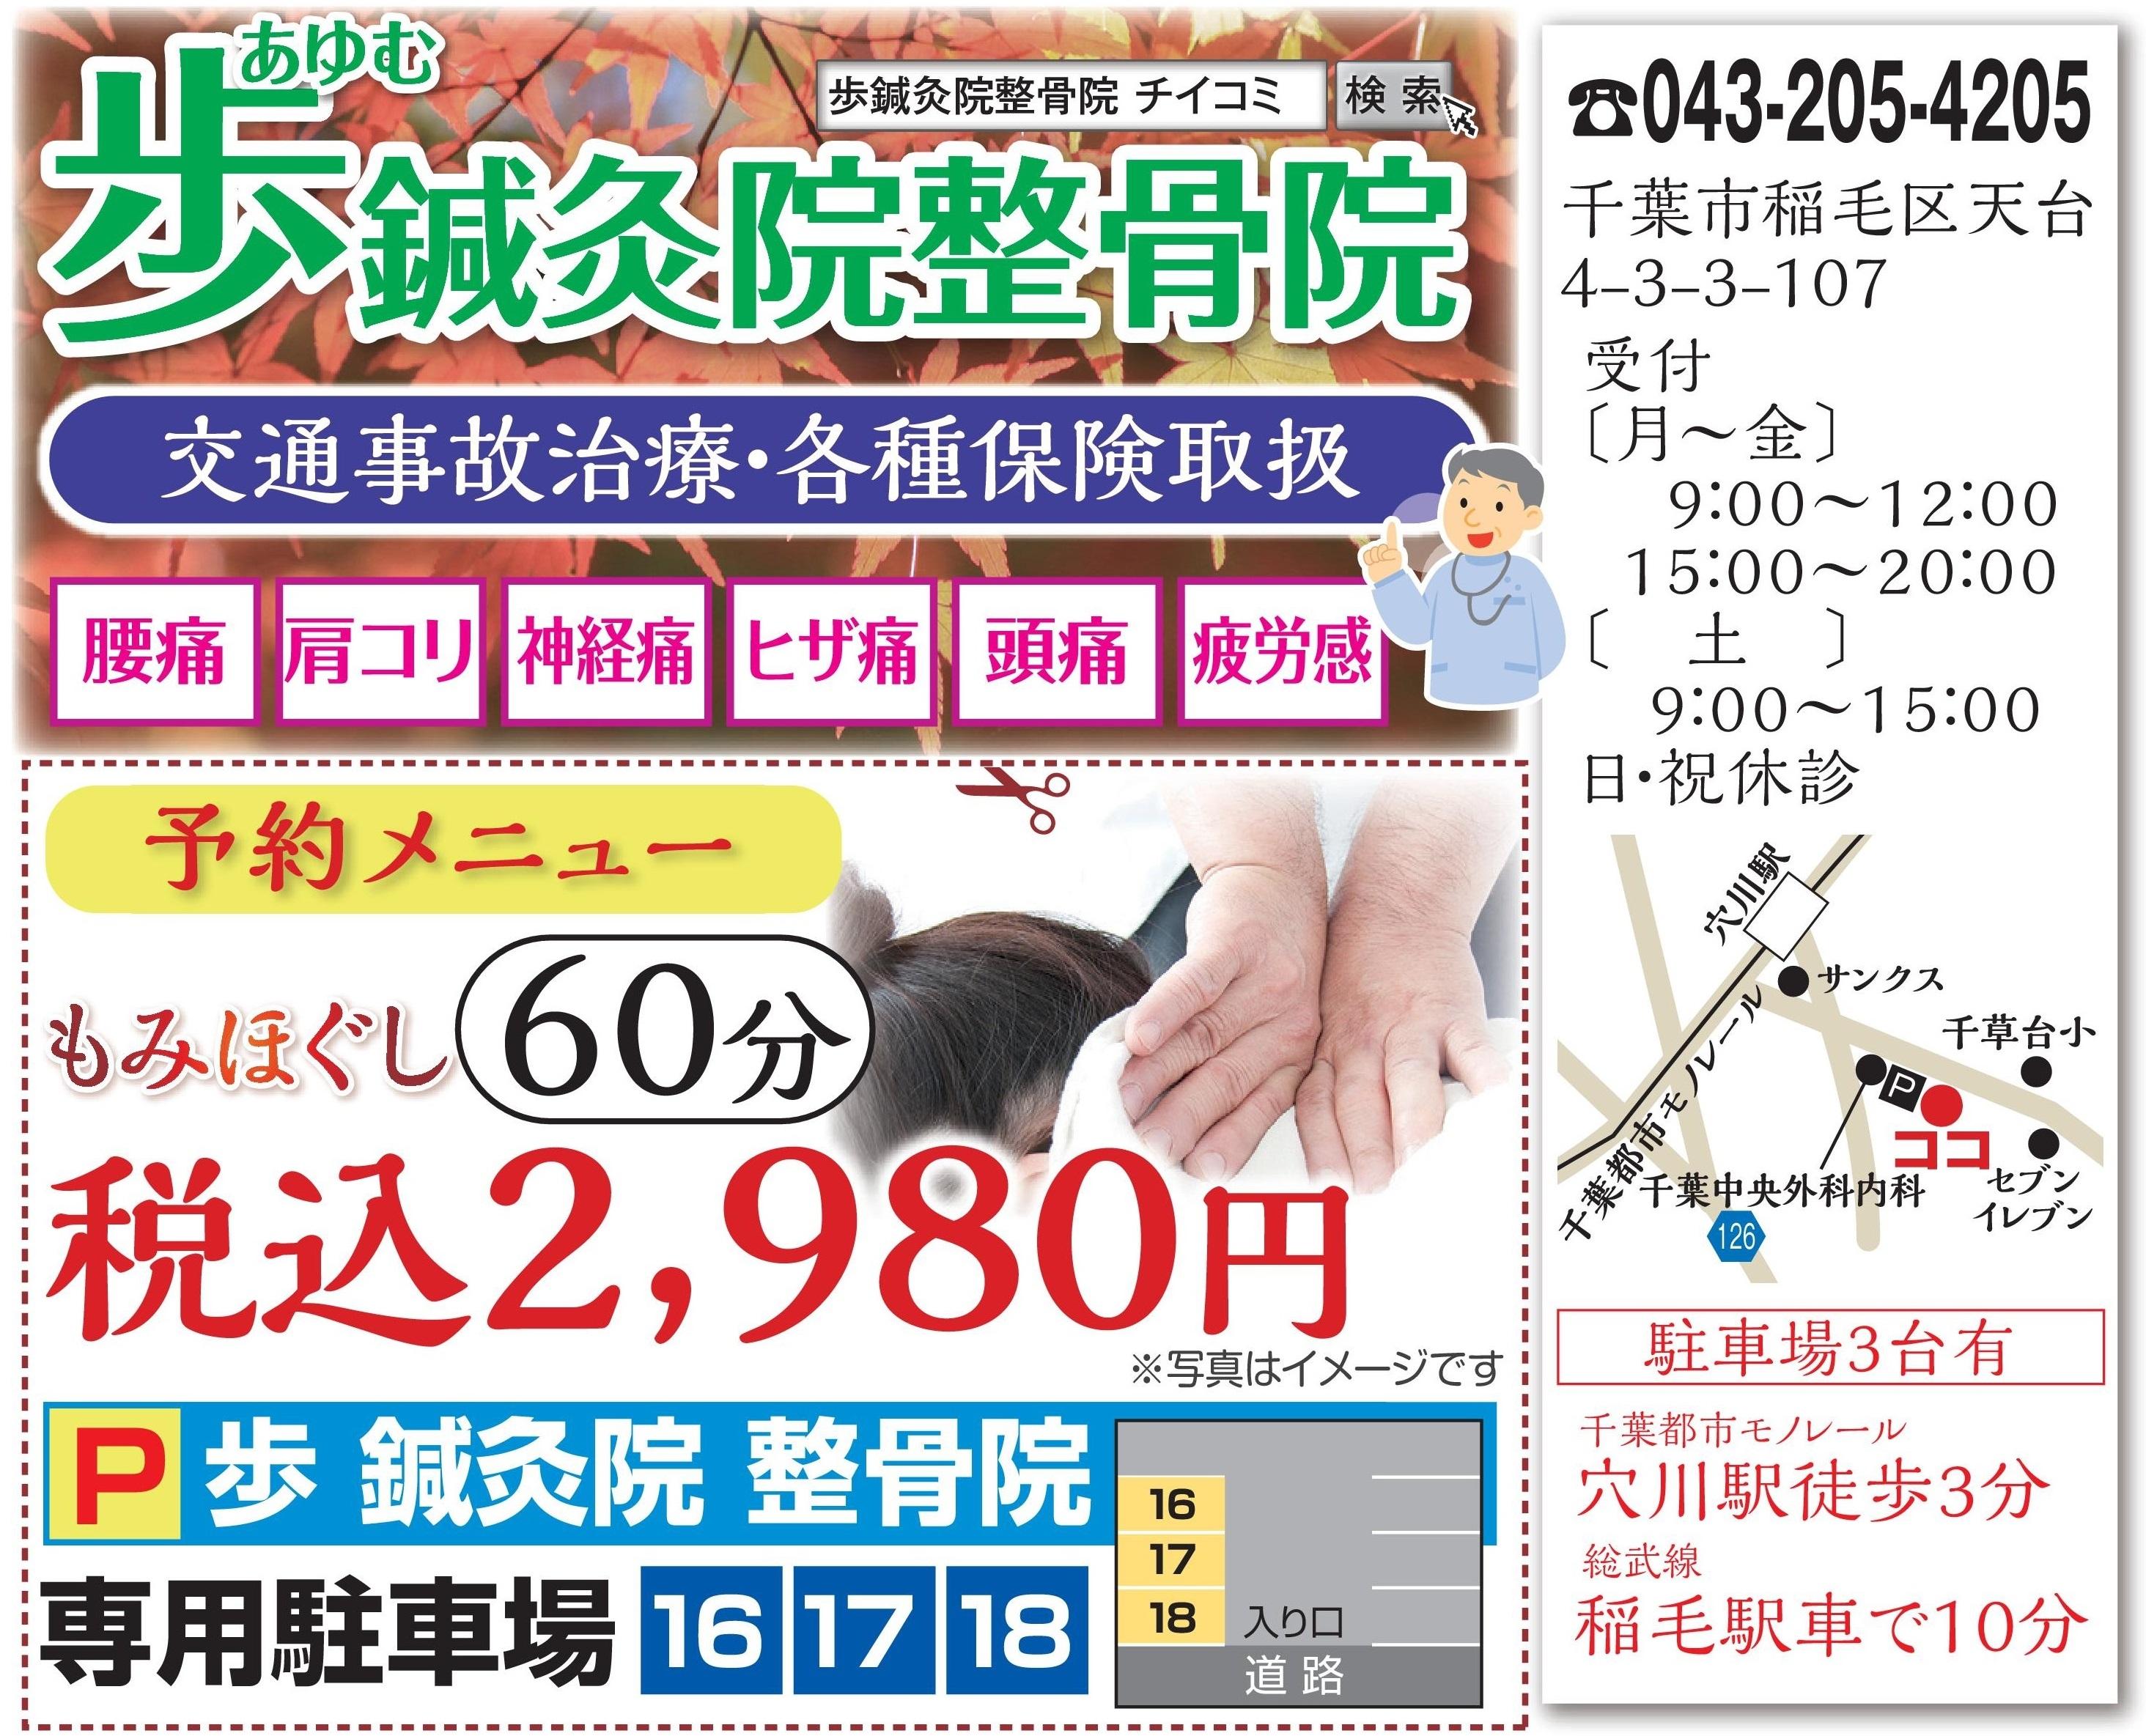 【10/20号ちいき新聞】歩鍼灸院整骨院の広告が掲載されてます!